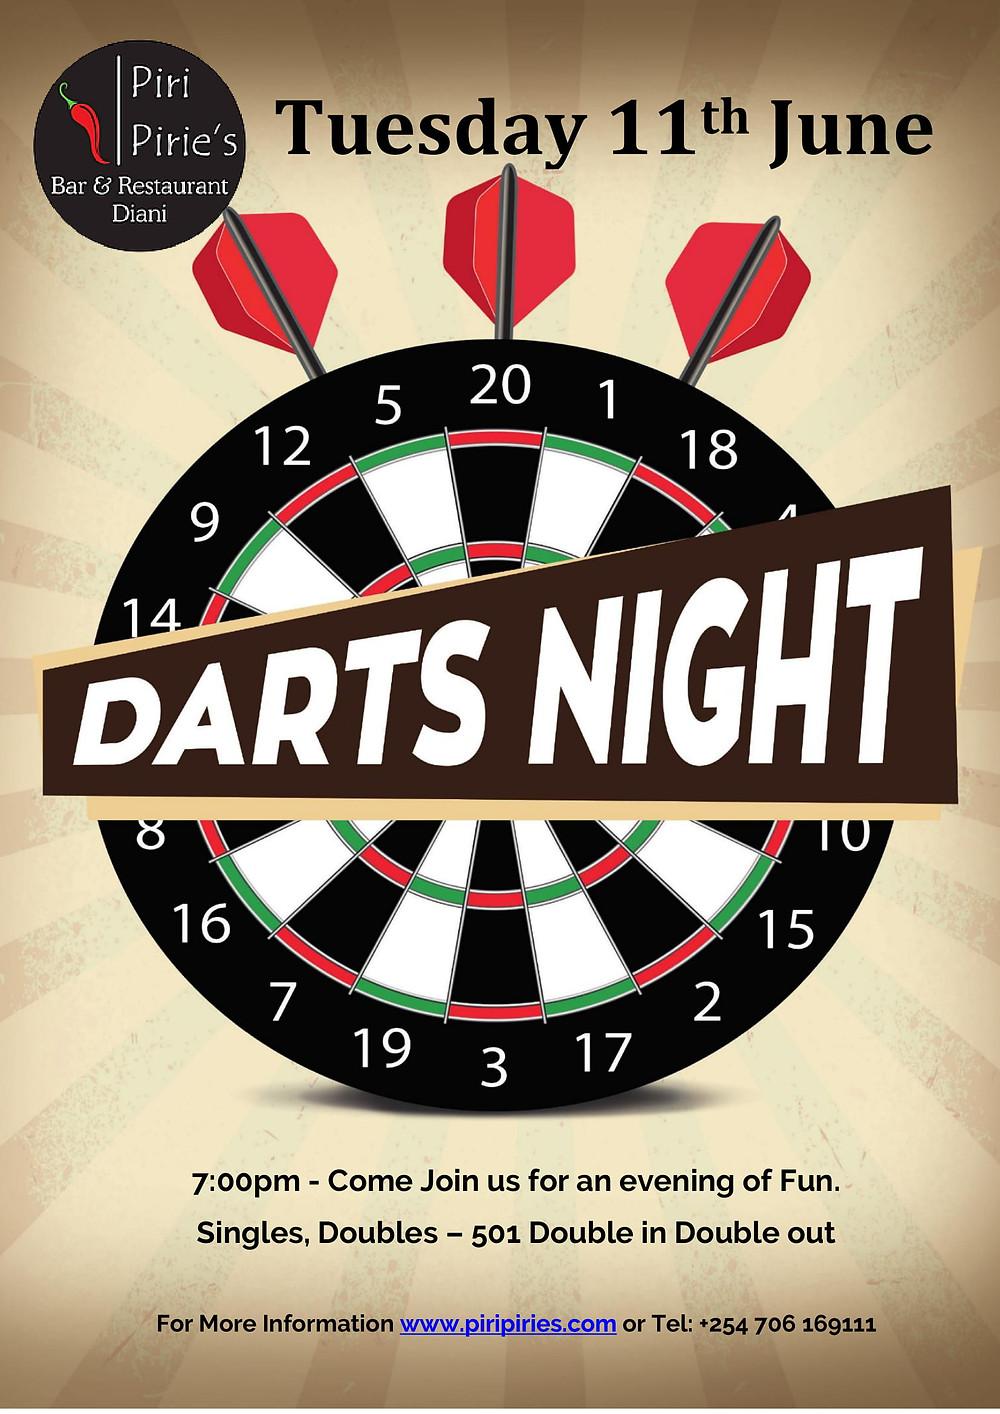 Darts Night Tuesday June 11th at Piri Pirie's